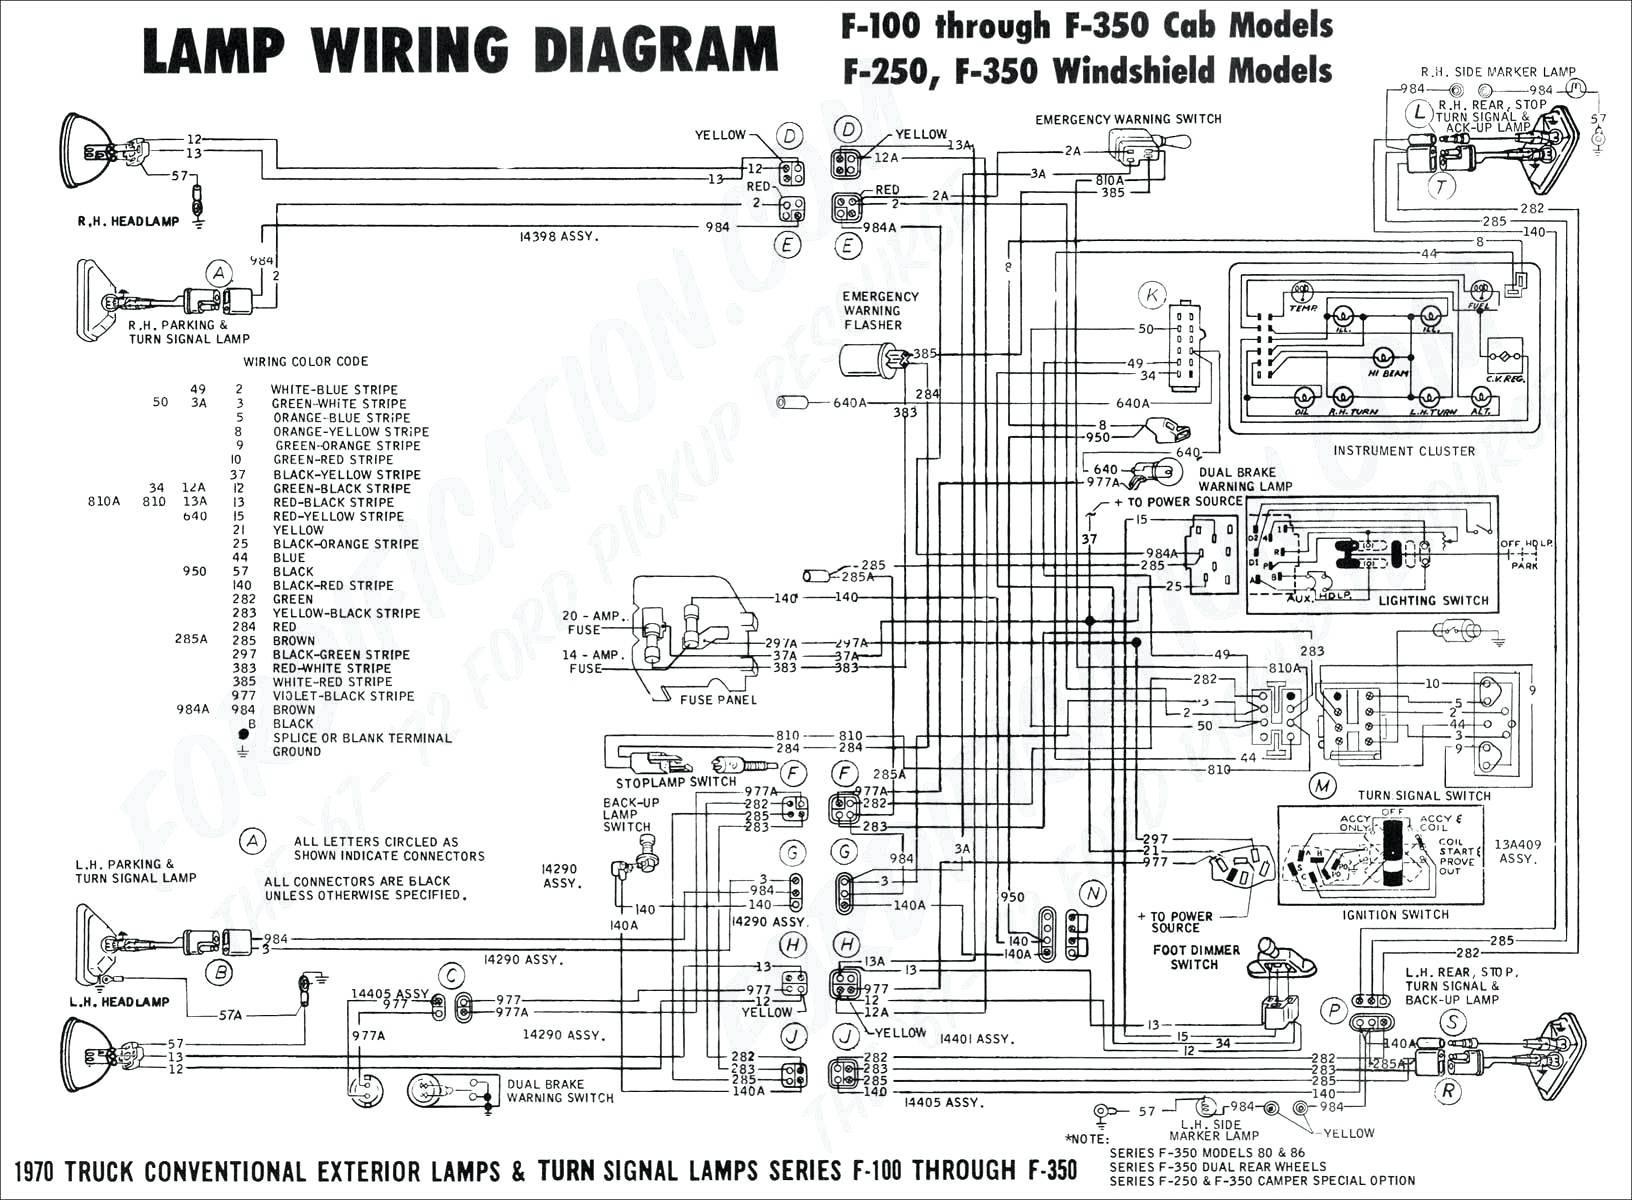 2003 Kia Sedona Engine Diagram Kia sorento Speaker Wiring ... Kia Speakers Wiring Diagram on kia fuel pump wiring, kia transmission diagram, kia engine diagram, kia parts diagram, kia ecu diagram, kia steering diagram, 2012 kia optima radio diagram, kia soul stereo system wiring, kia air conditioning diagram, kia belt diagram, kia radio wiring harness, kia service, kia fuse diagram, kia relay diagram, kia optima stereo diagram, 05 kia sportage radio wire diagram, kia sportage electrical diagram,